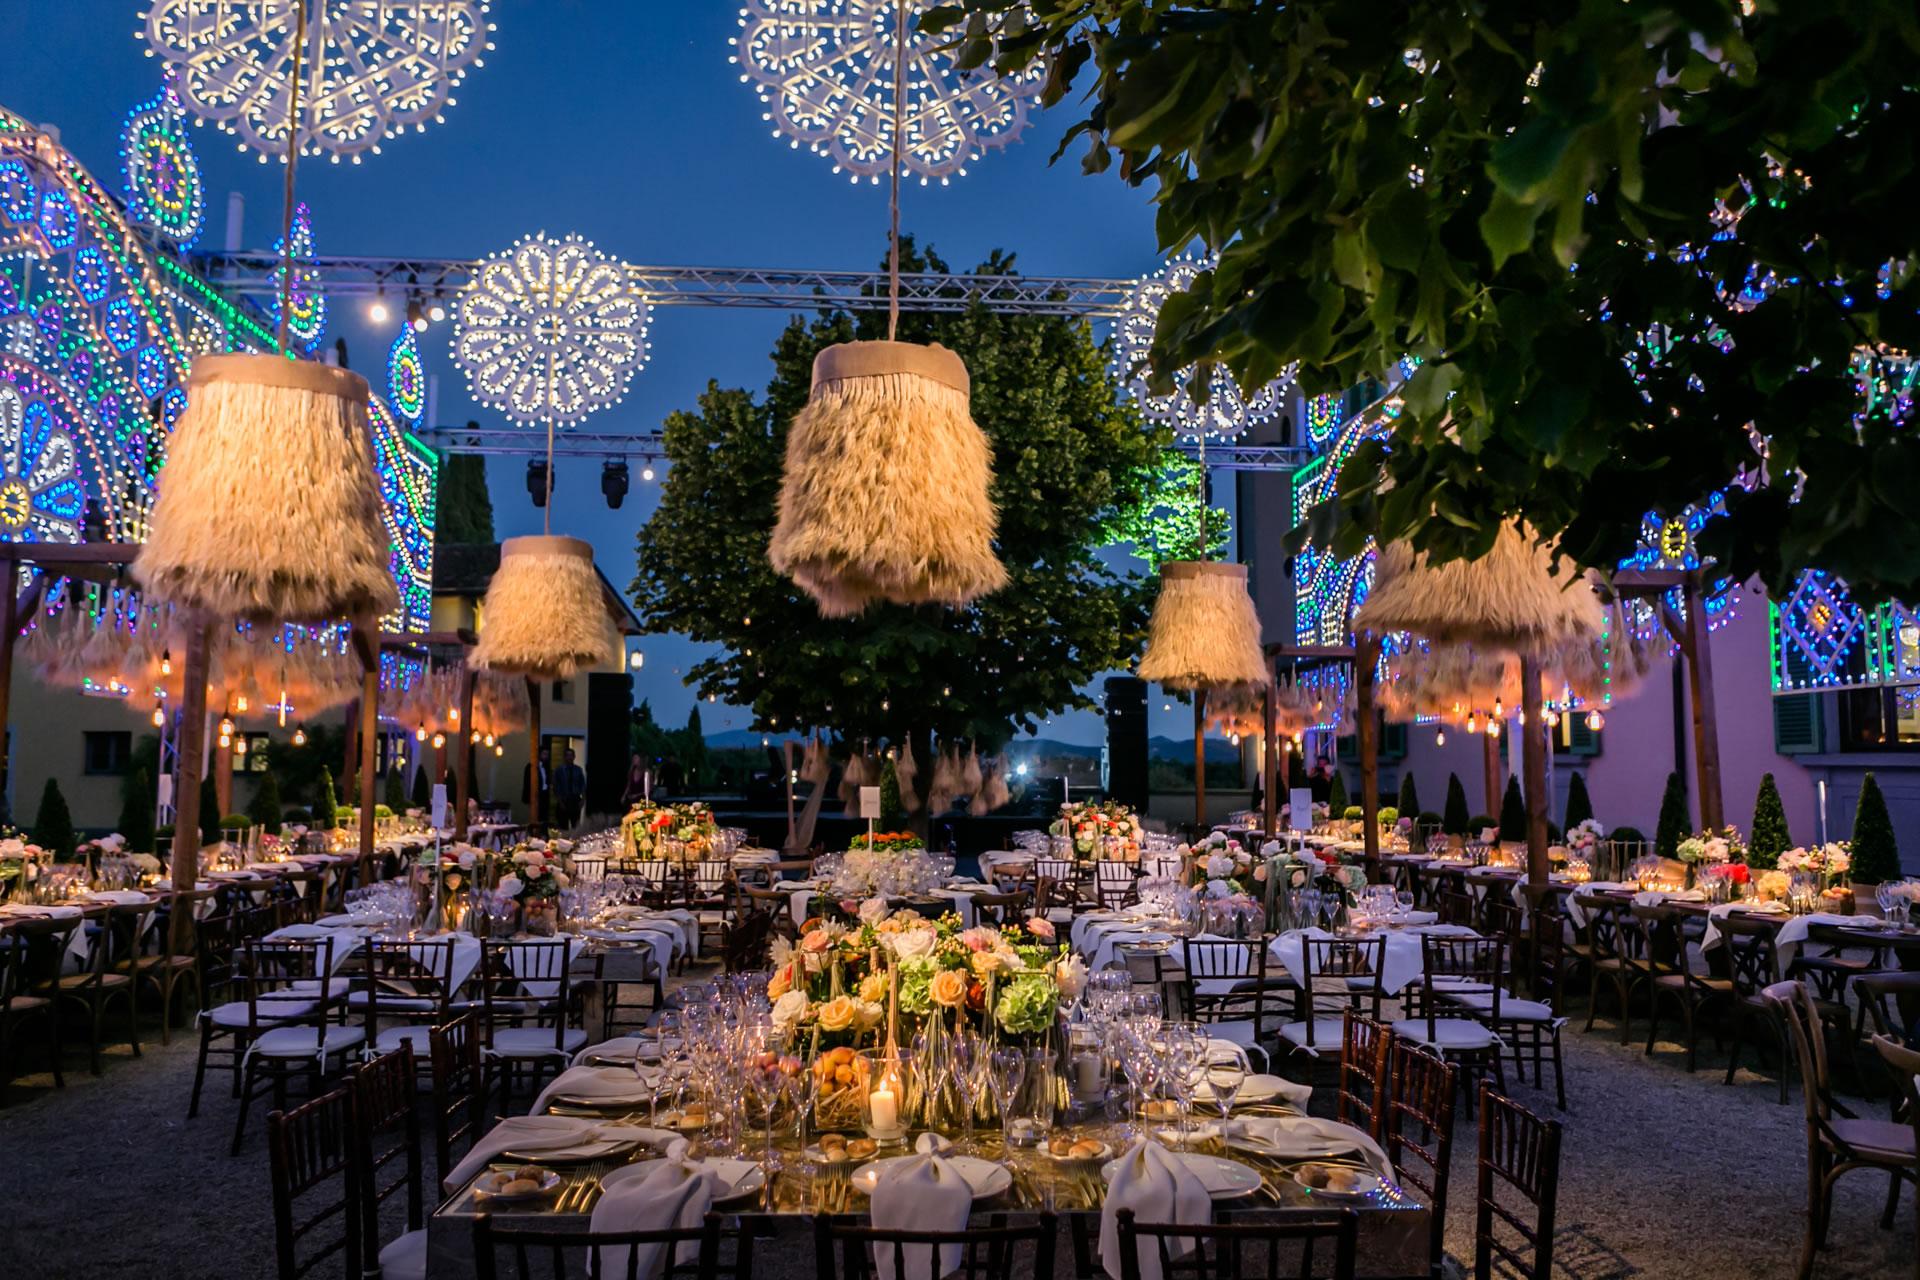 Feathers - 46 :: Luxury wedding at Il Borro :: Luxury wedding photography - 45 :: Feathers - 46